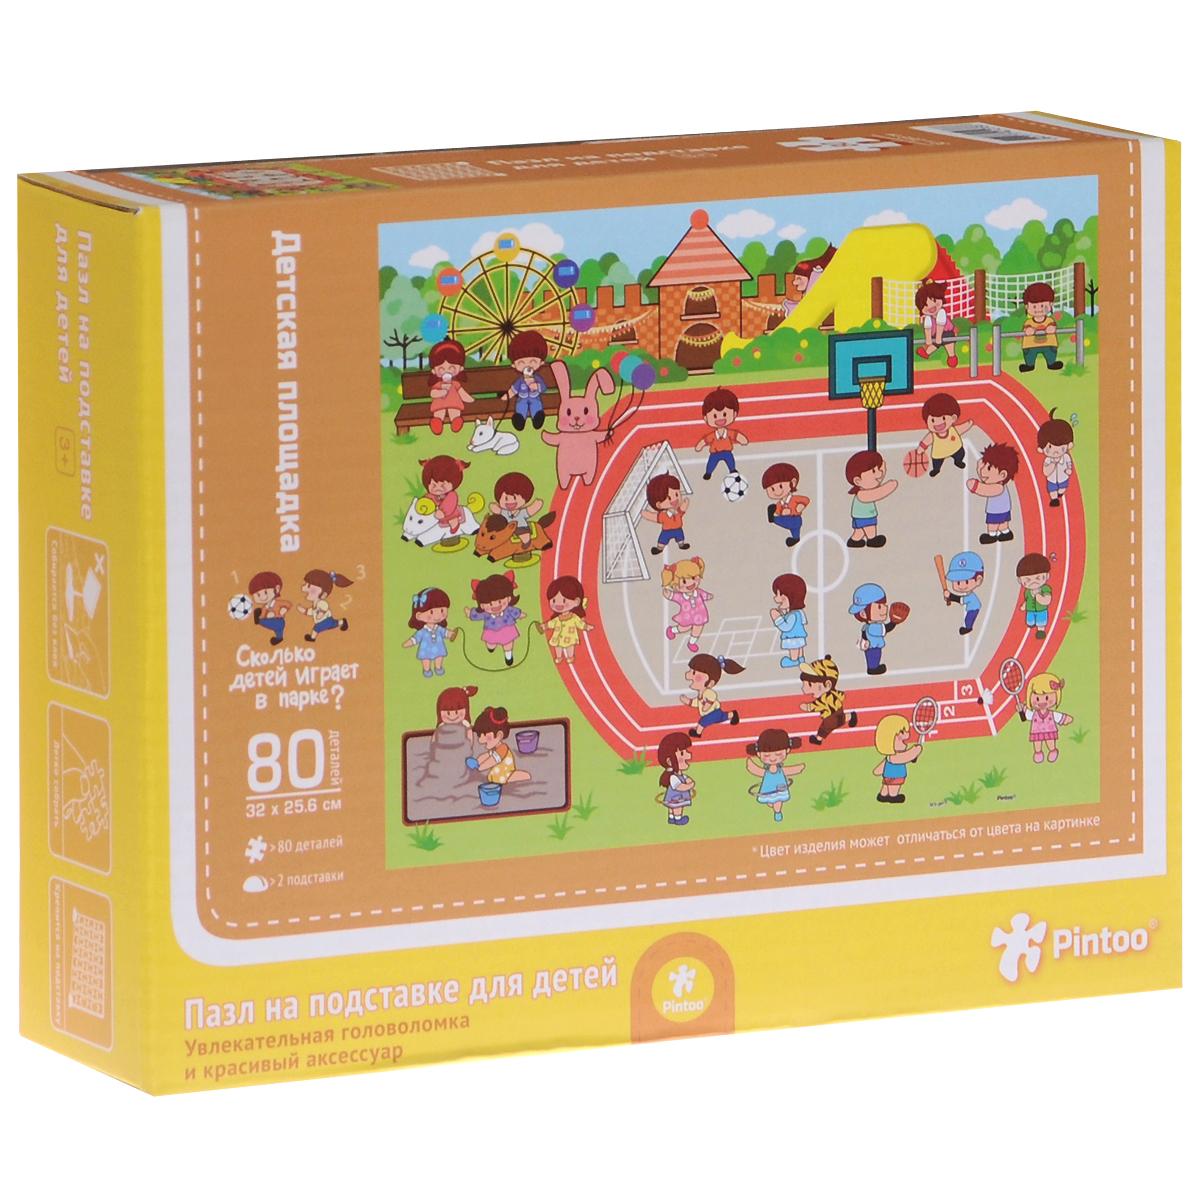 Детская площадка. Пазл на подставке, 80 элементов4607177452388Пазл Детская площадка - прекрасный способ провести время увлекательно и с пользой. В набор входят 80 пластиковых элементов, с помощью которых ваш ребенок сможет собрать картинку с изображением детской площадки с играющими на ней детьми. Элементы пазла плотно фиксируются между собой без клея и образуют прочную конструкцию. В комплекте 2 пластиковых подставки под собранный пазл. Собирание пазла развивает мелкую моторику рук ребенка, тренирует наблюдательность, логическое мышление, знакомит с окружающим миром, с цветом и разнообразными формами.